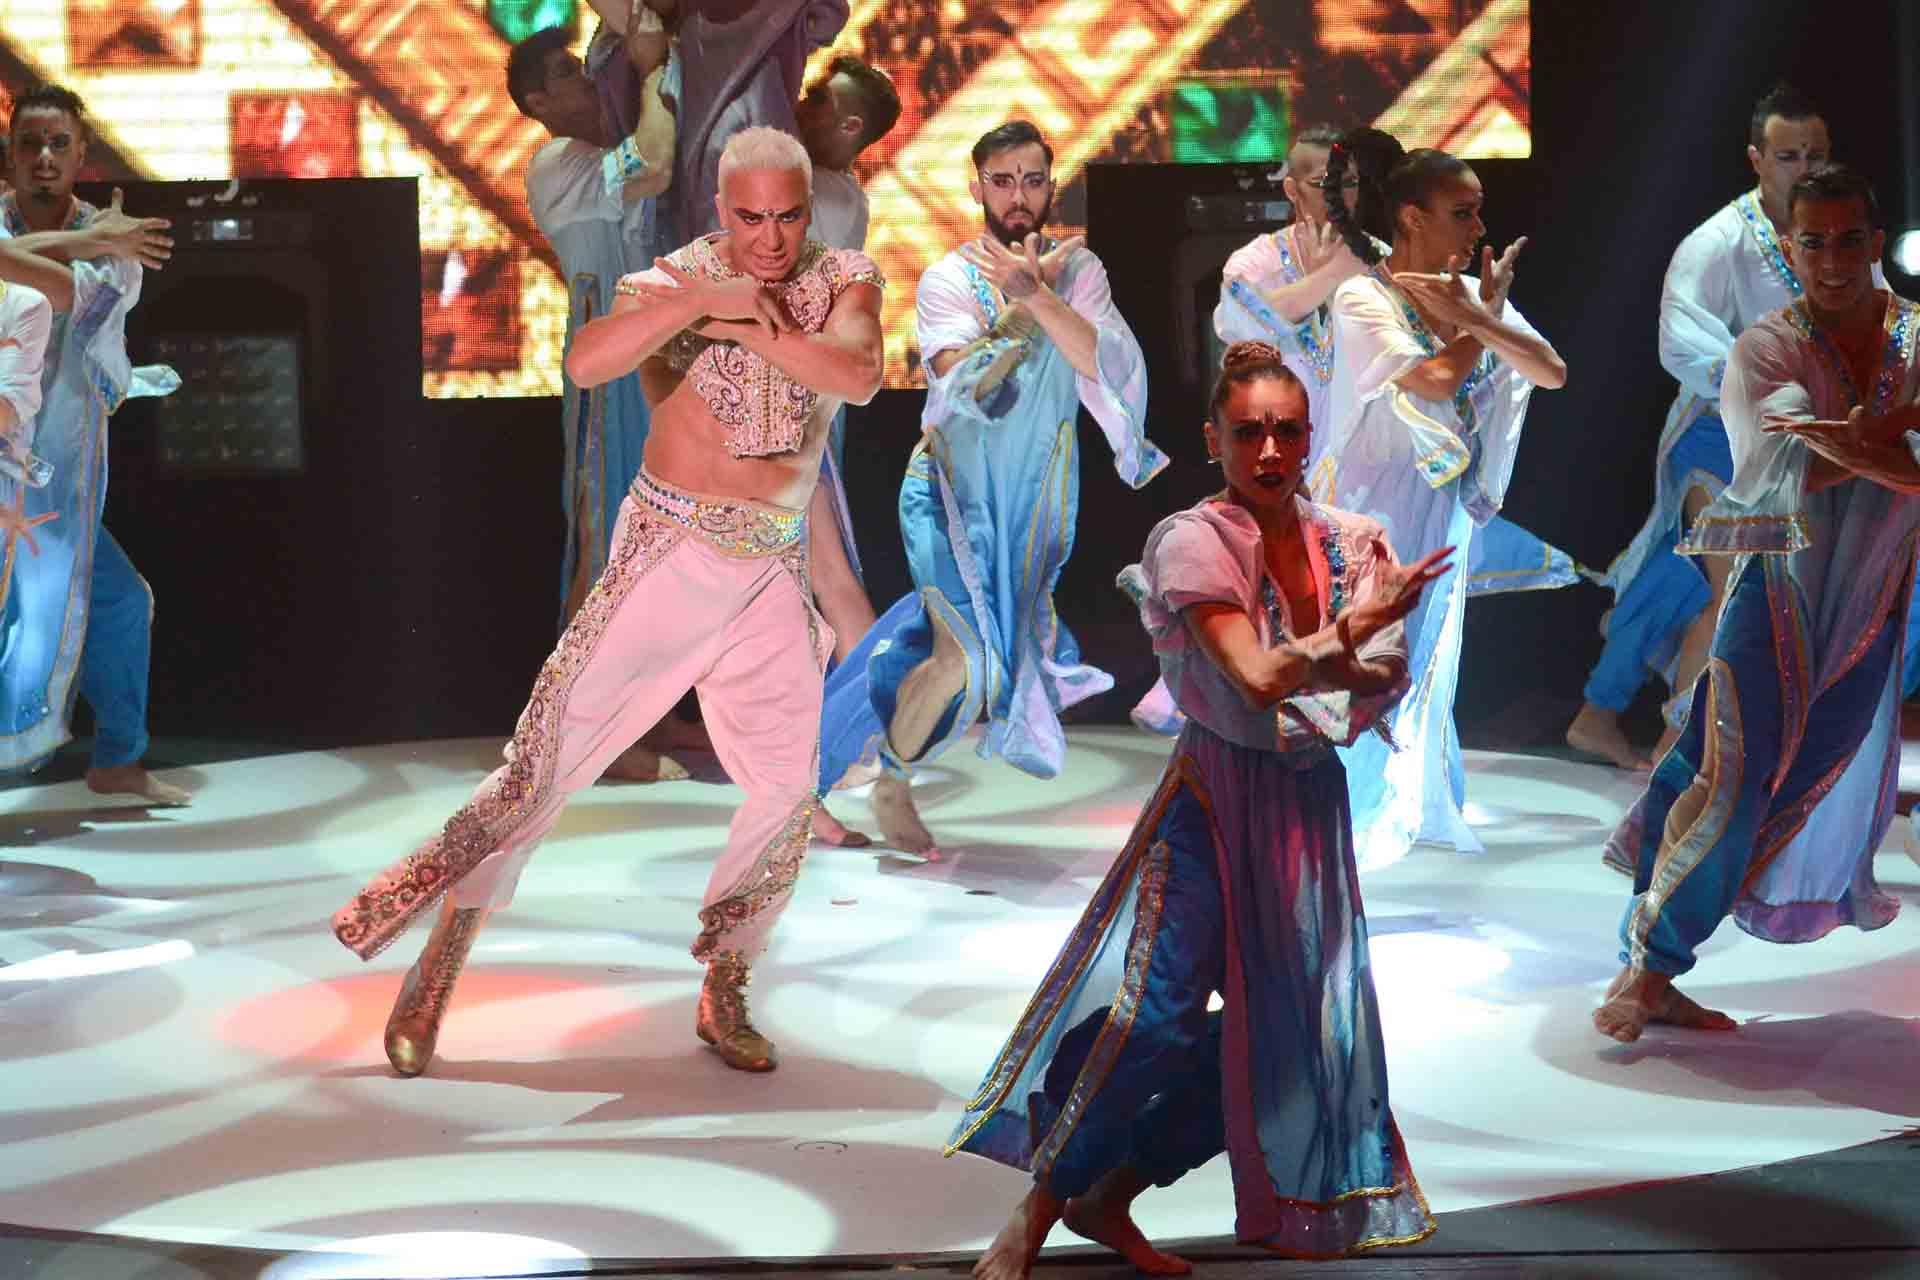 El show, que mezcla el baile, la música y el humor, tiene una estética inspirada en la India